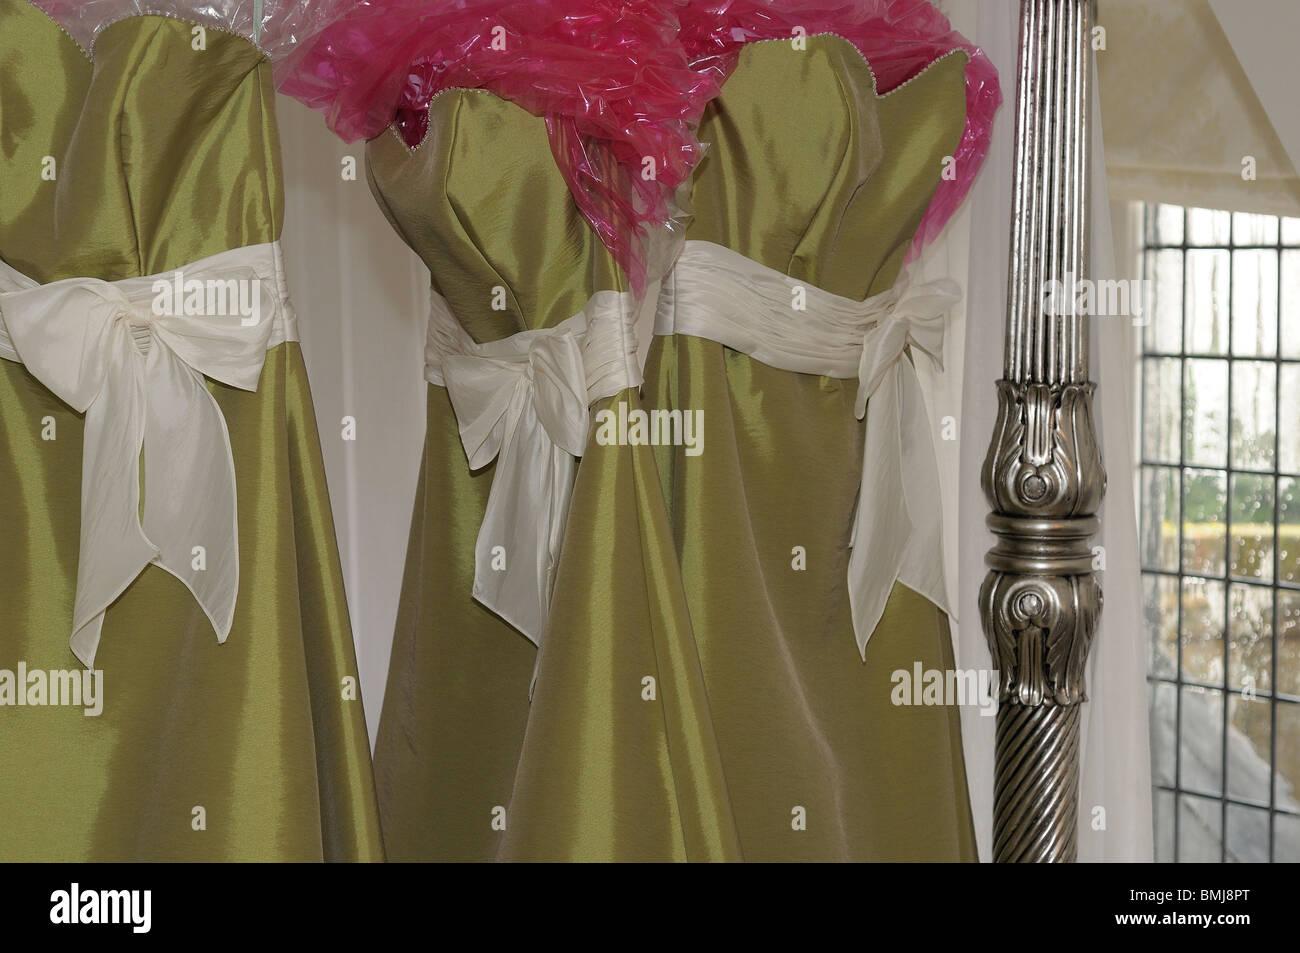 Brautjungfer Kleider Aufhängen Stockfoto Bild 29905536 Alamy